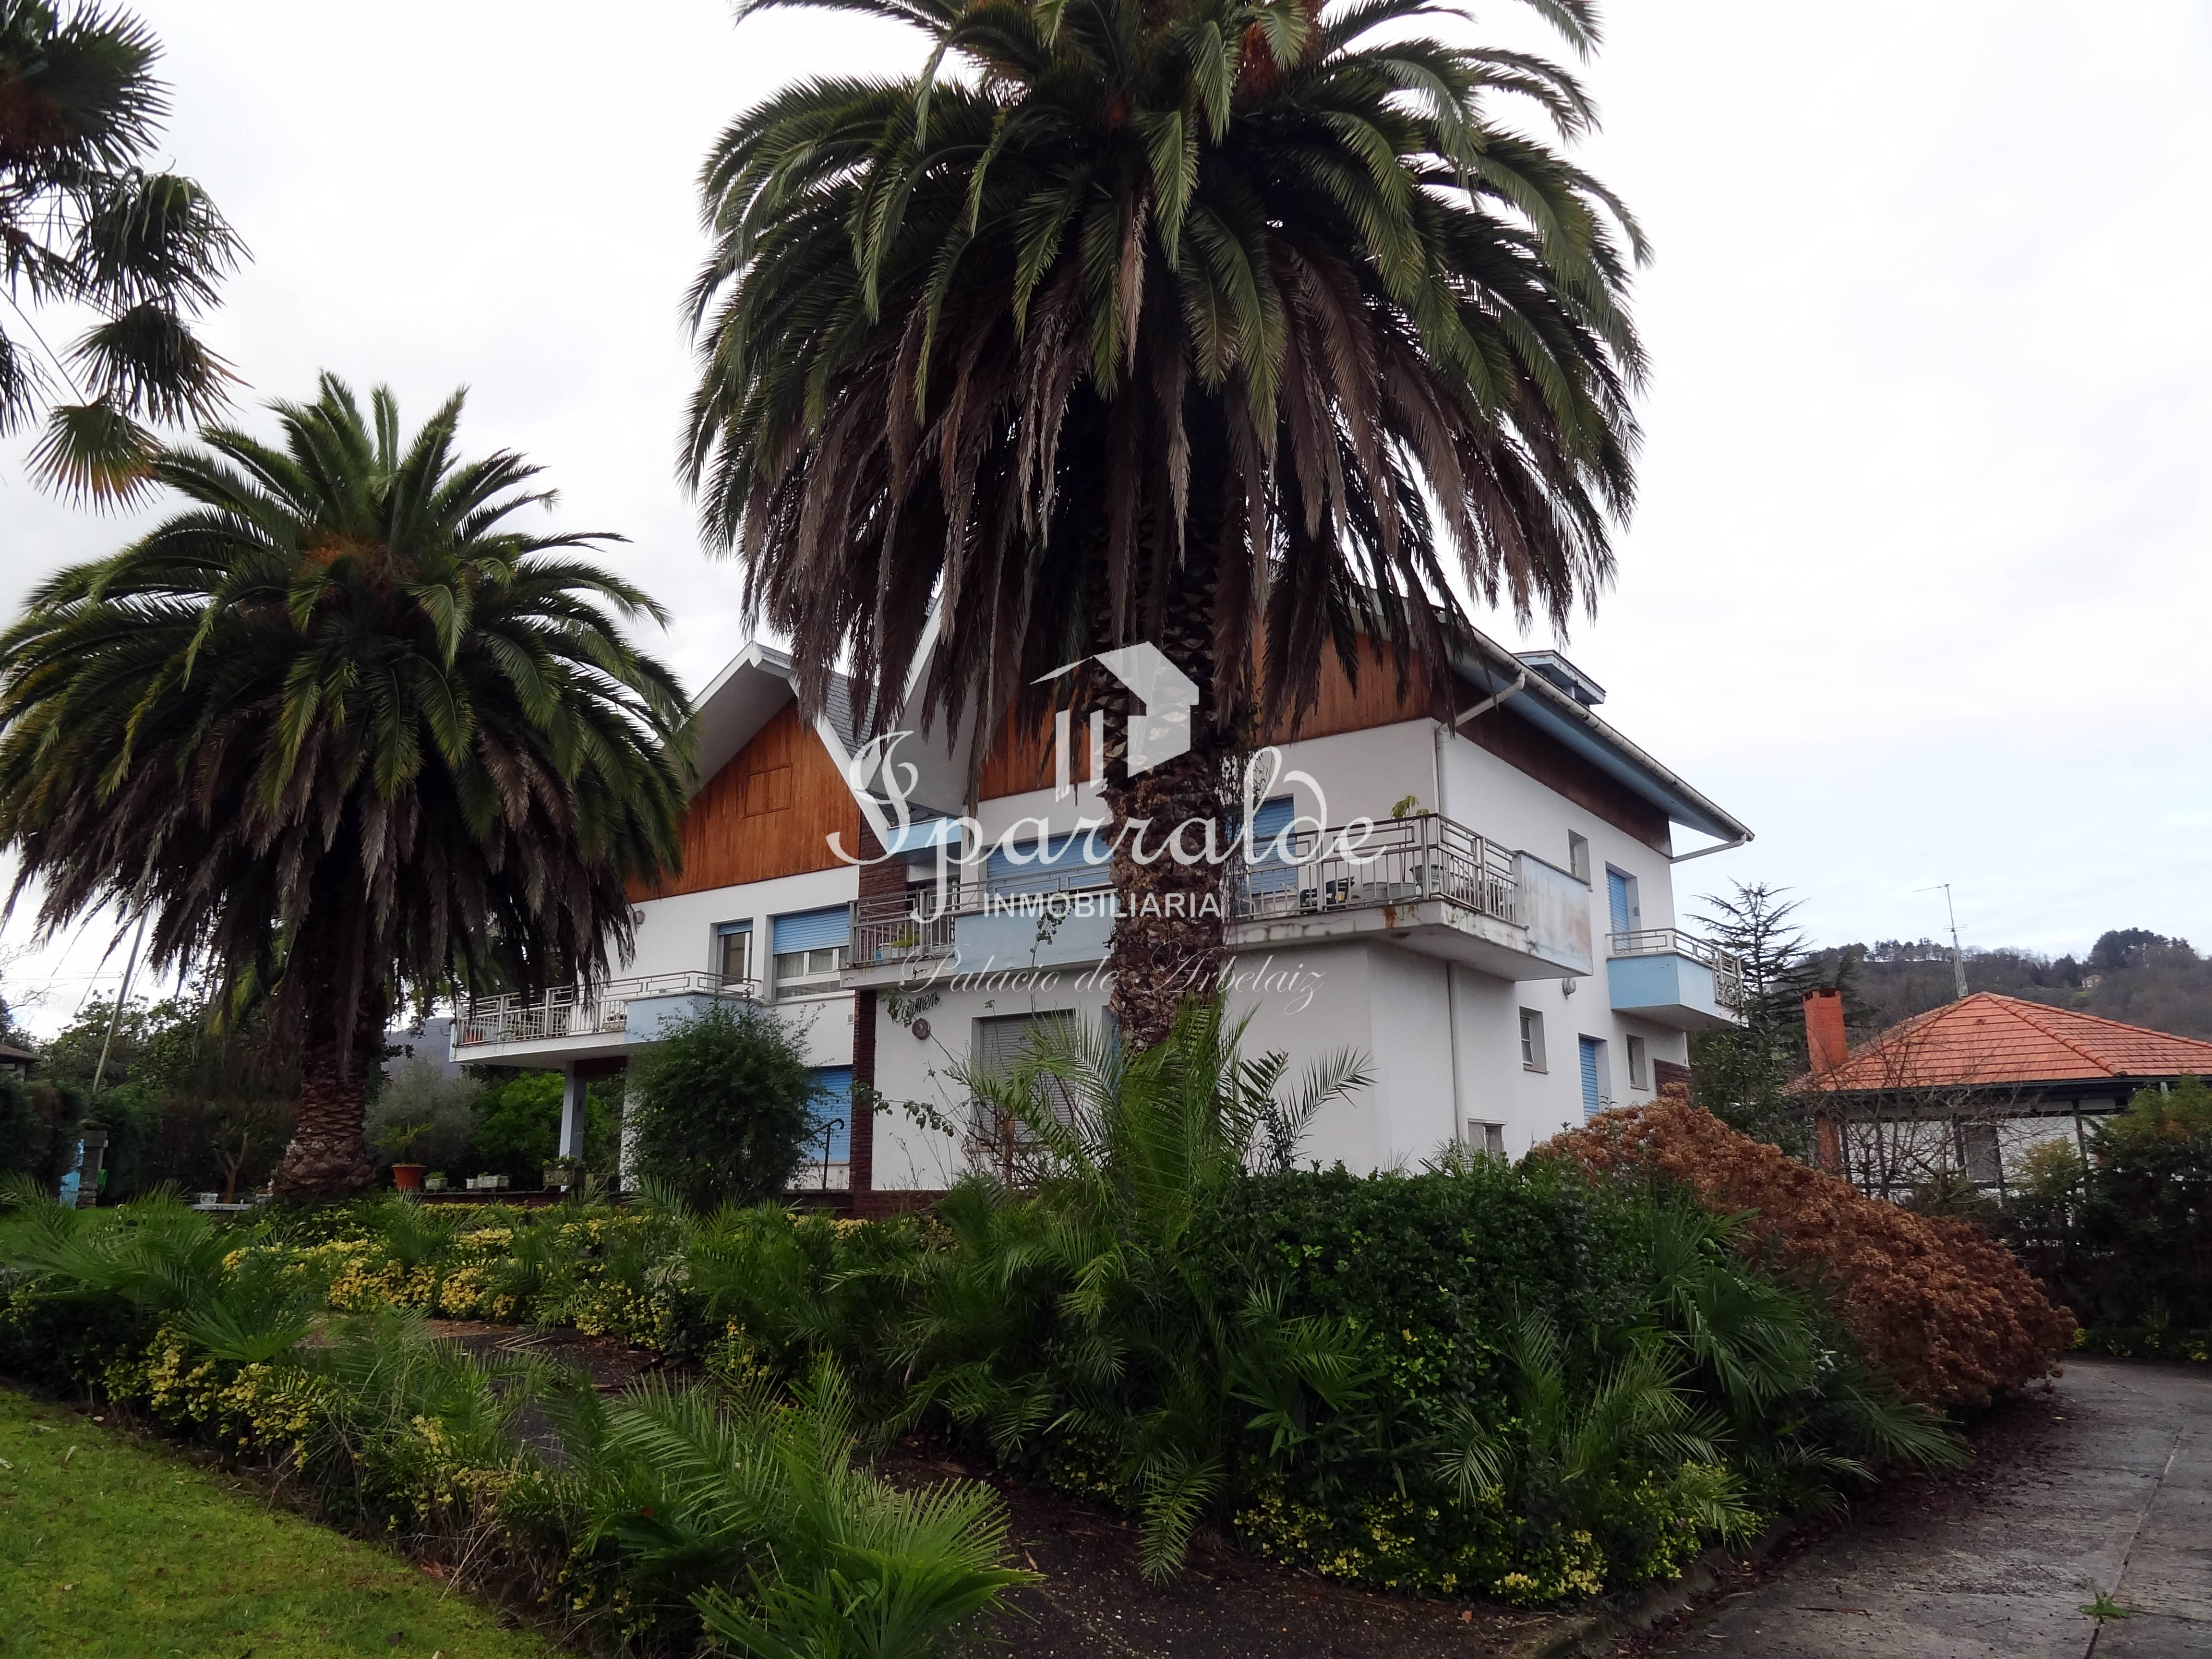 Excepcional chalet en una de las zonas más tranquilas y mejor ubicadas de Hondarribia, a unos metros de la playa y del centro de la ciudad.